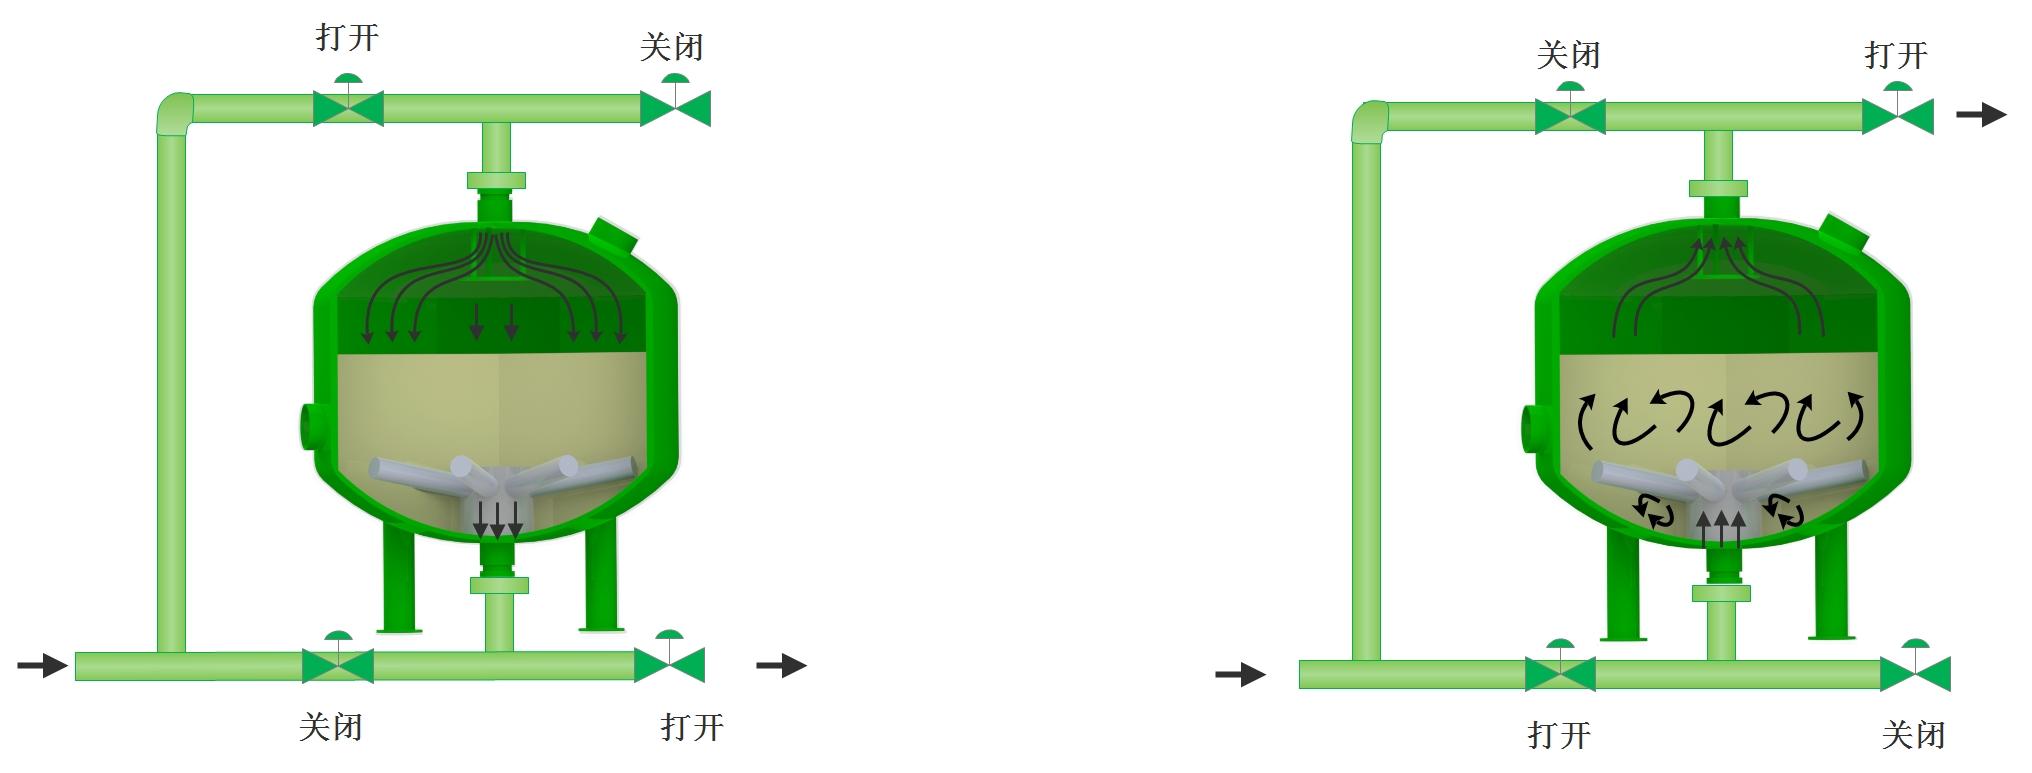 砂滤器运行与反洗.jpg